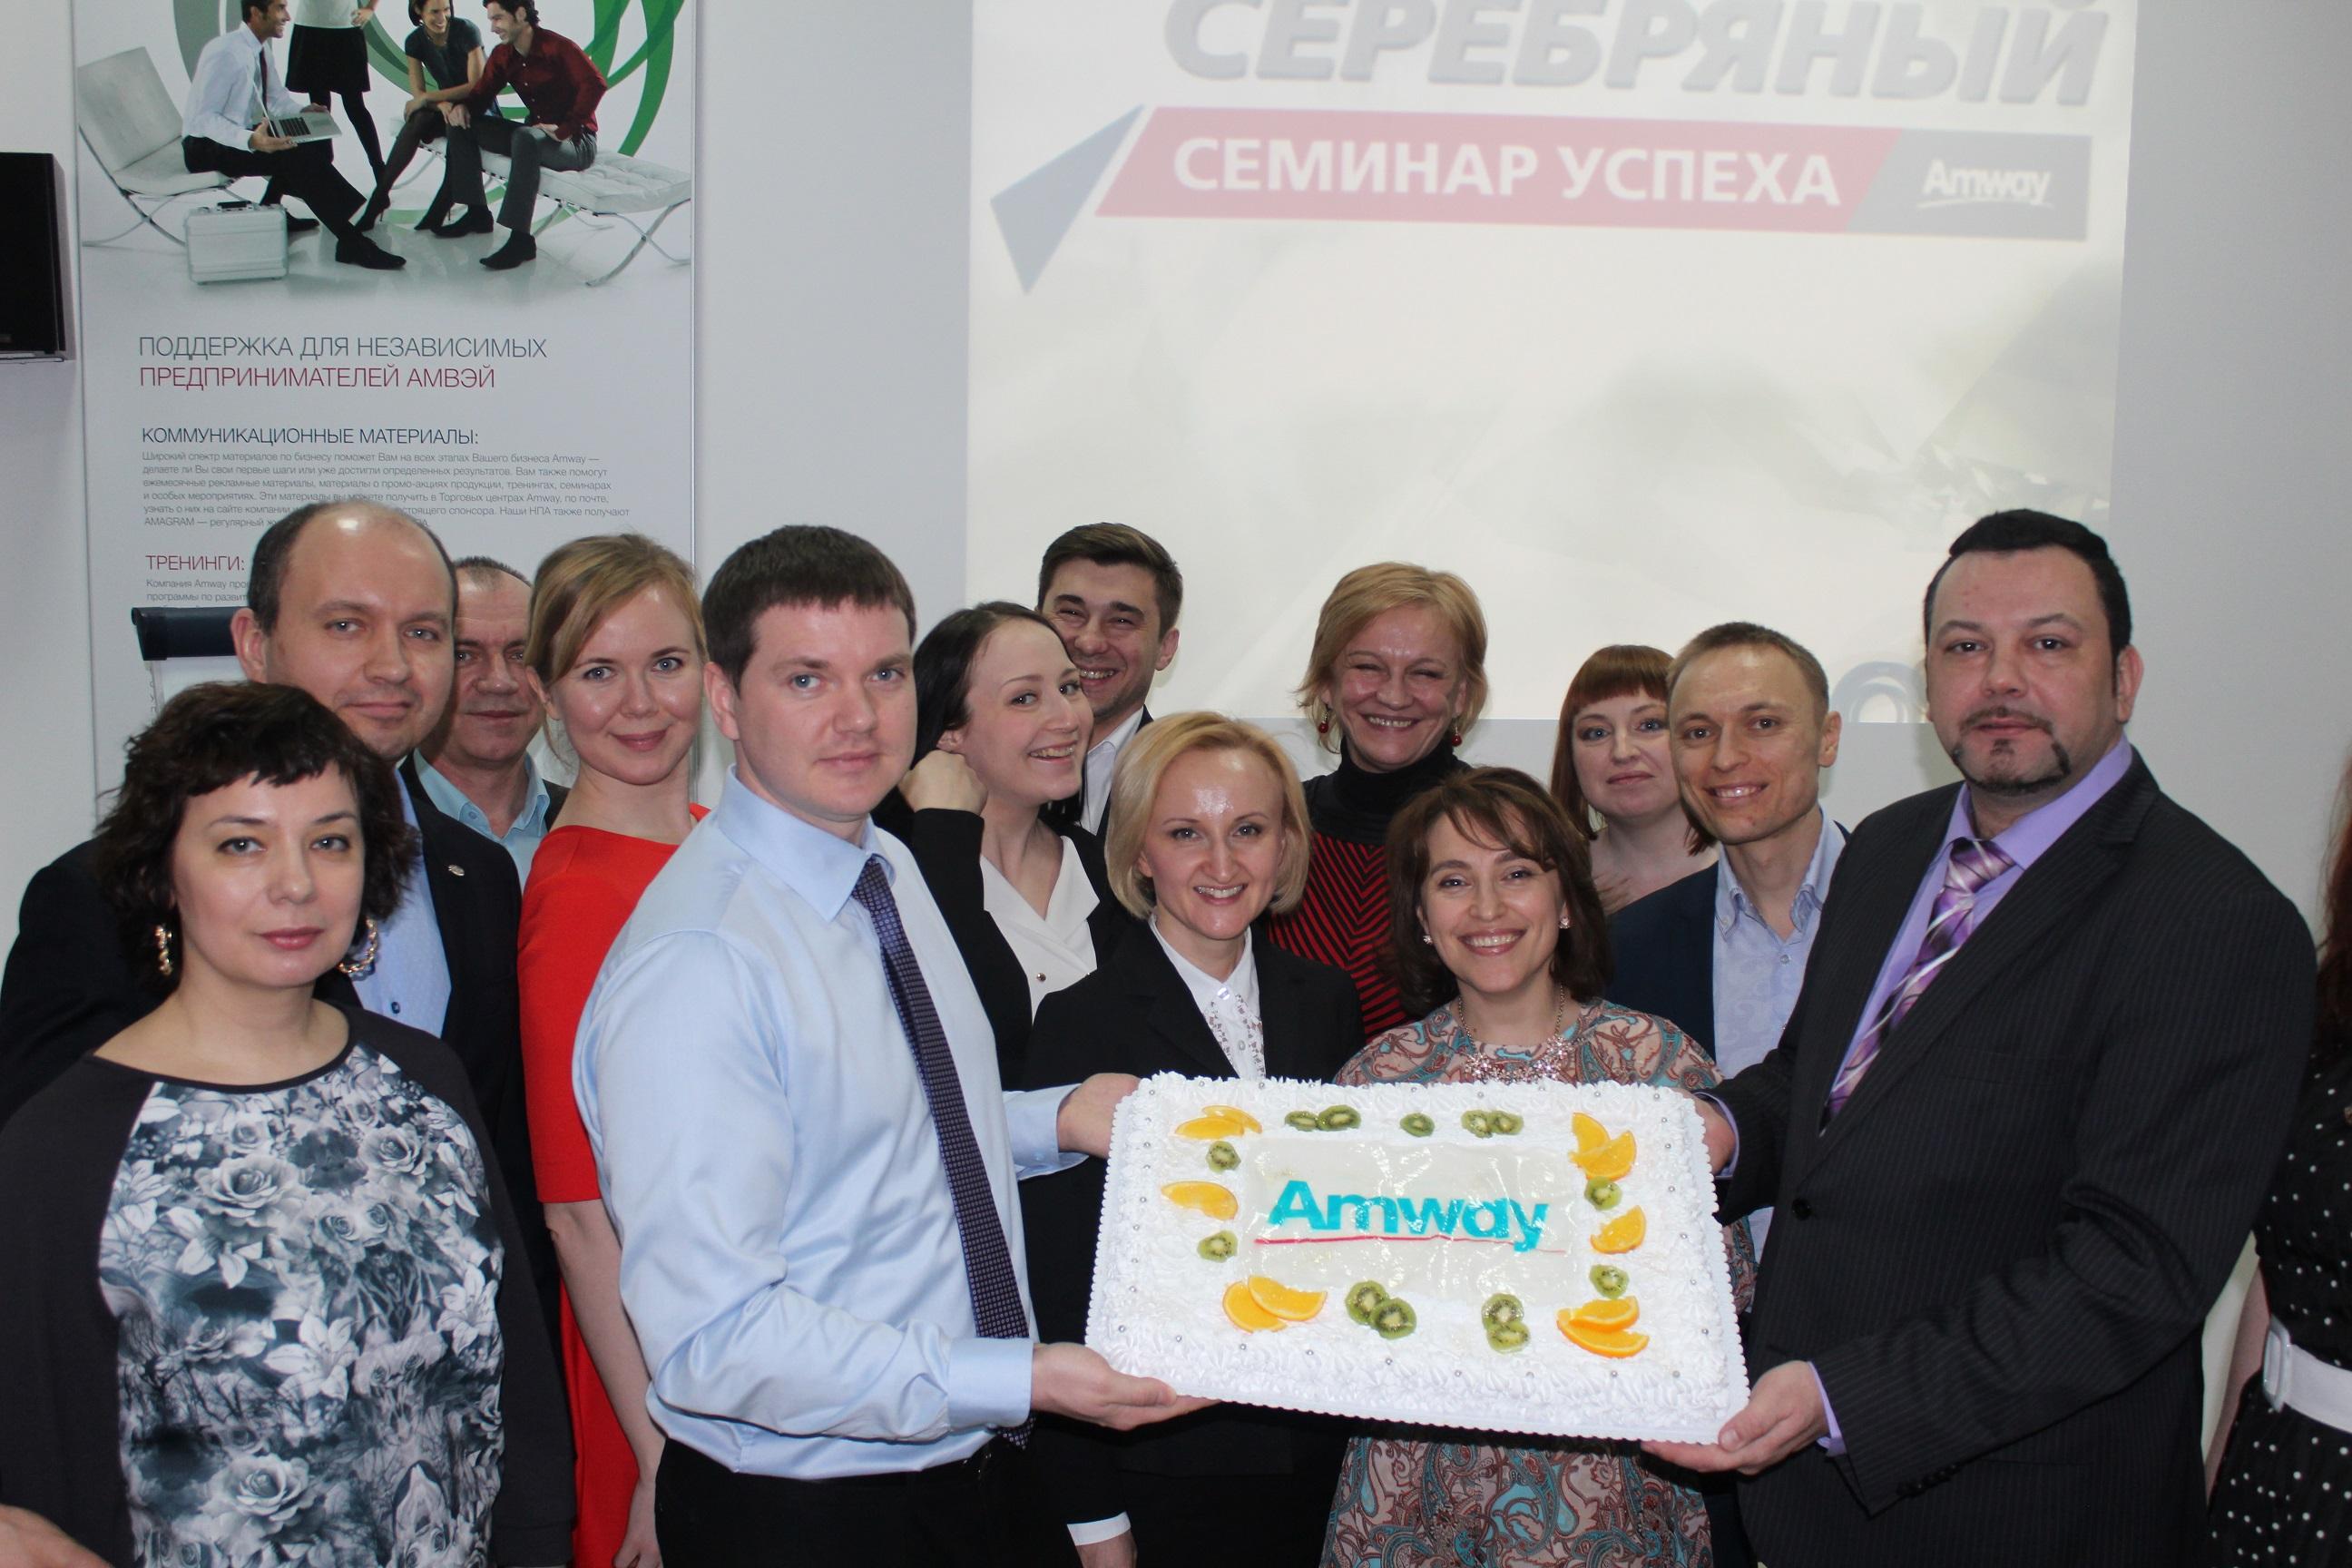 Бриллианты амвей в россии фото